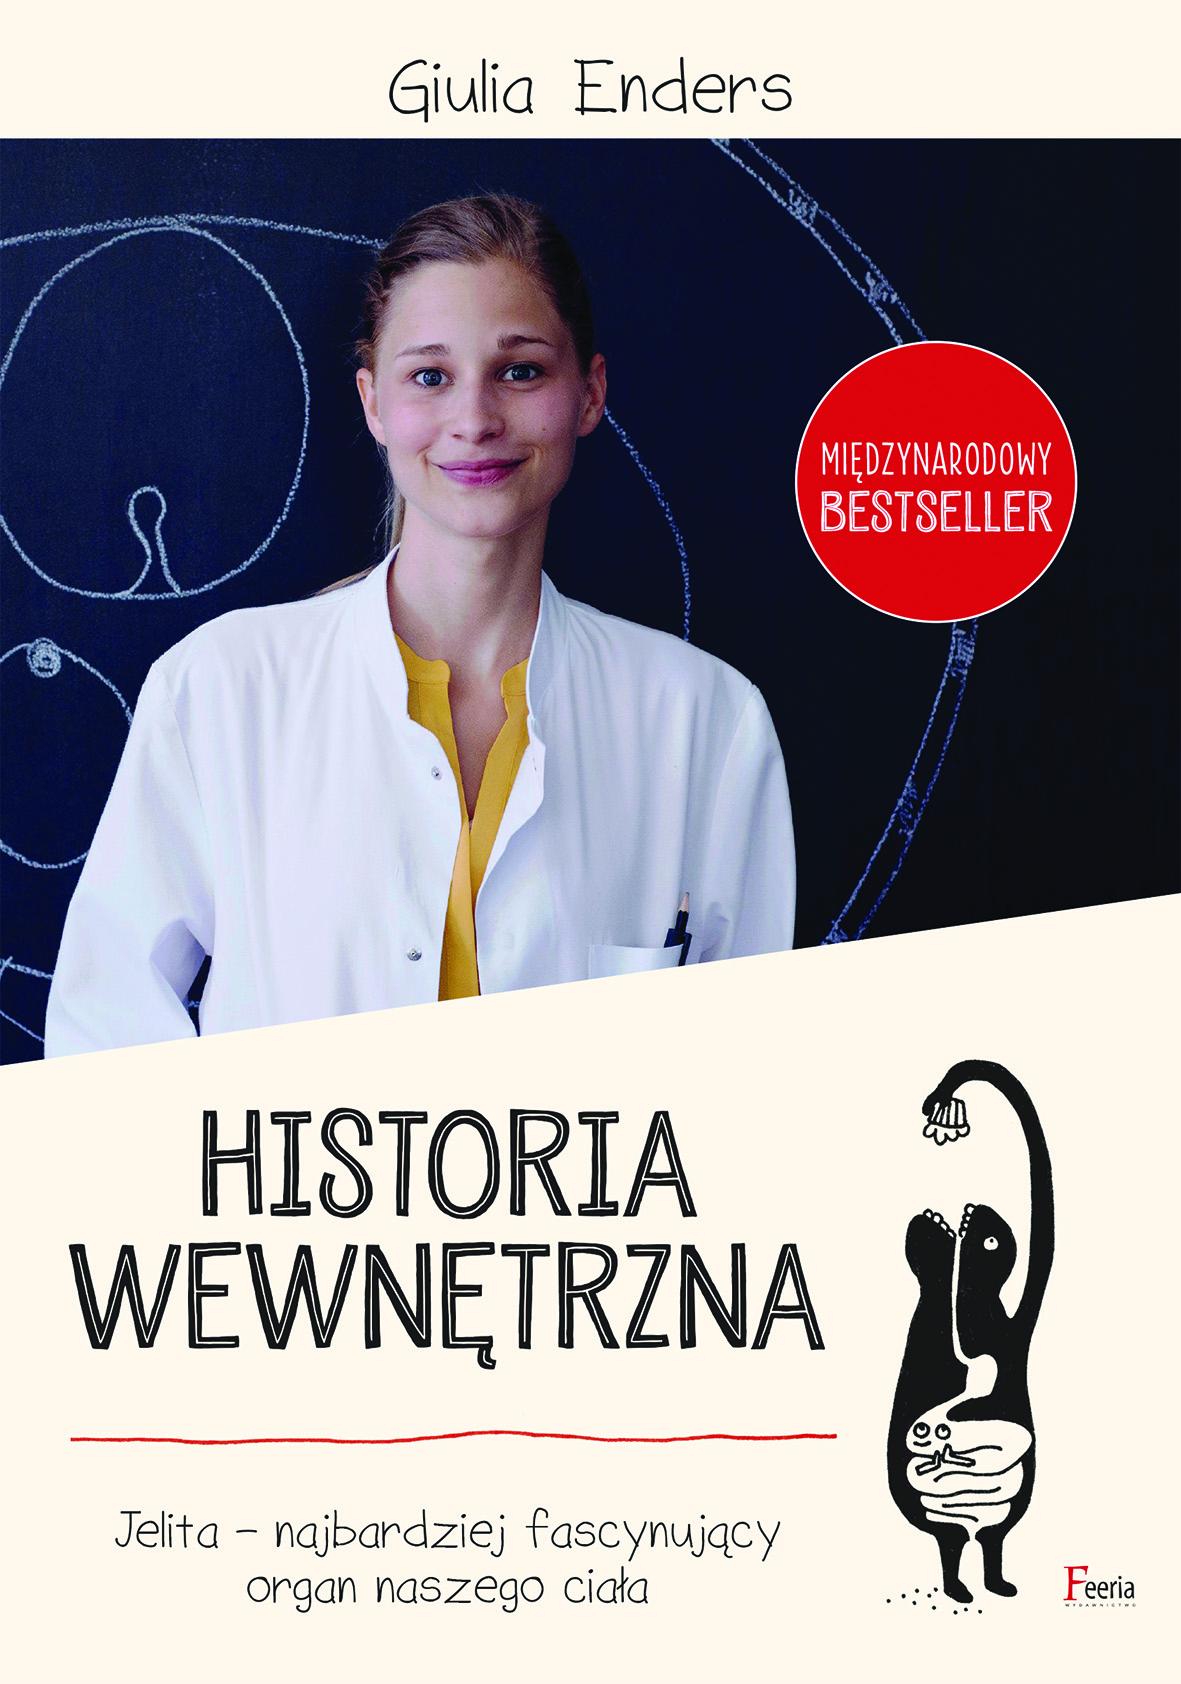 HistoriaWewnetrzna_CMYK_10cm